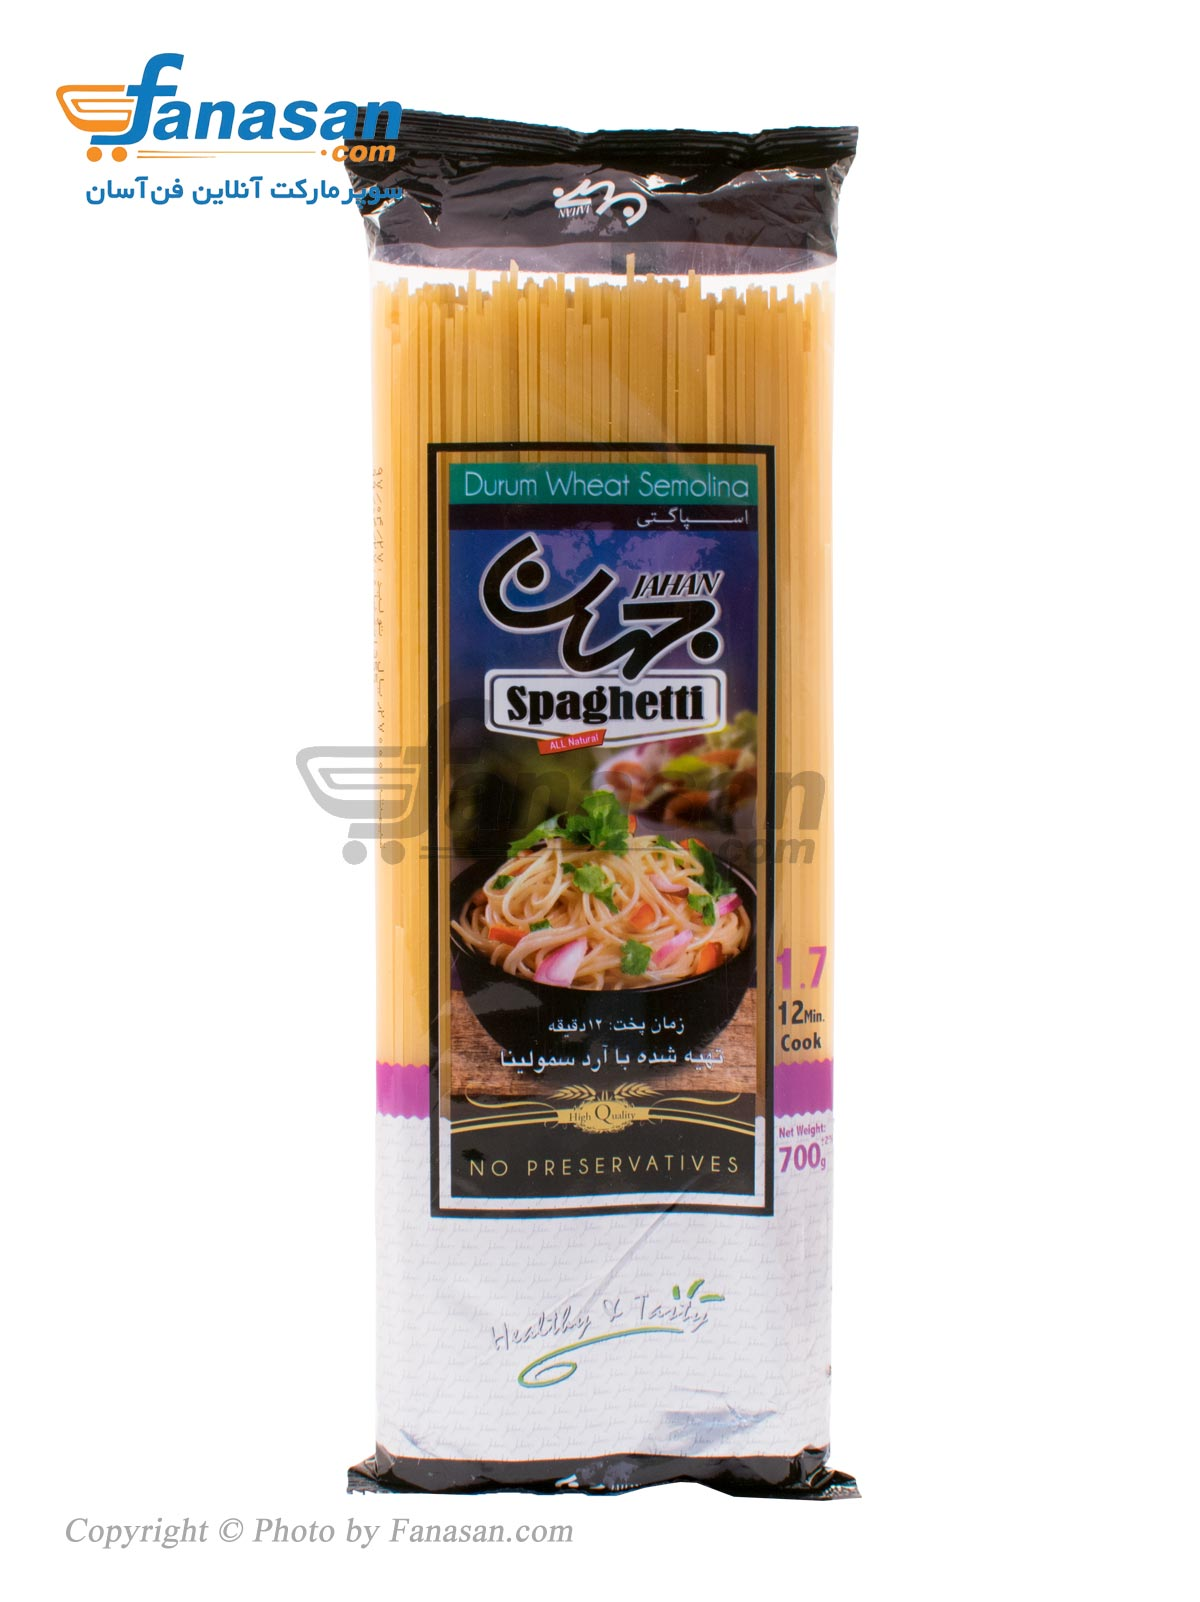 اسپاگتی 1/7 با آرد سمولینا جهان 700 گرم